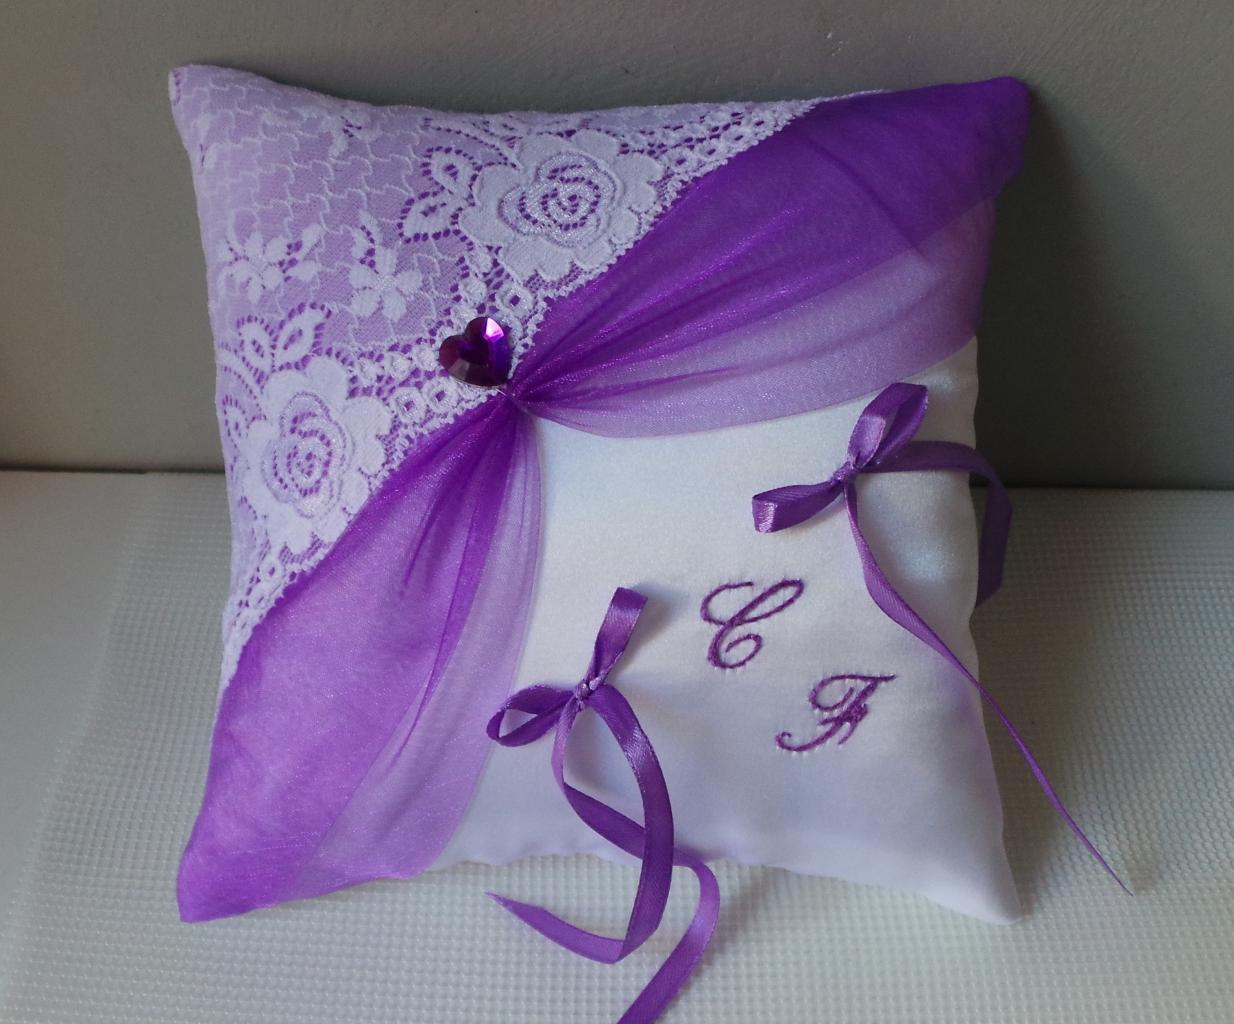 coussin alliances dentelle blanc violet parme personnalisé(31)